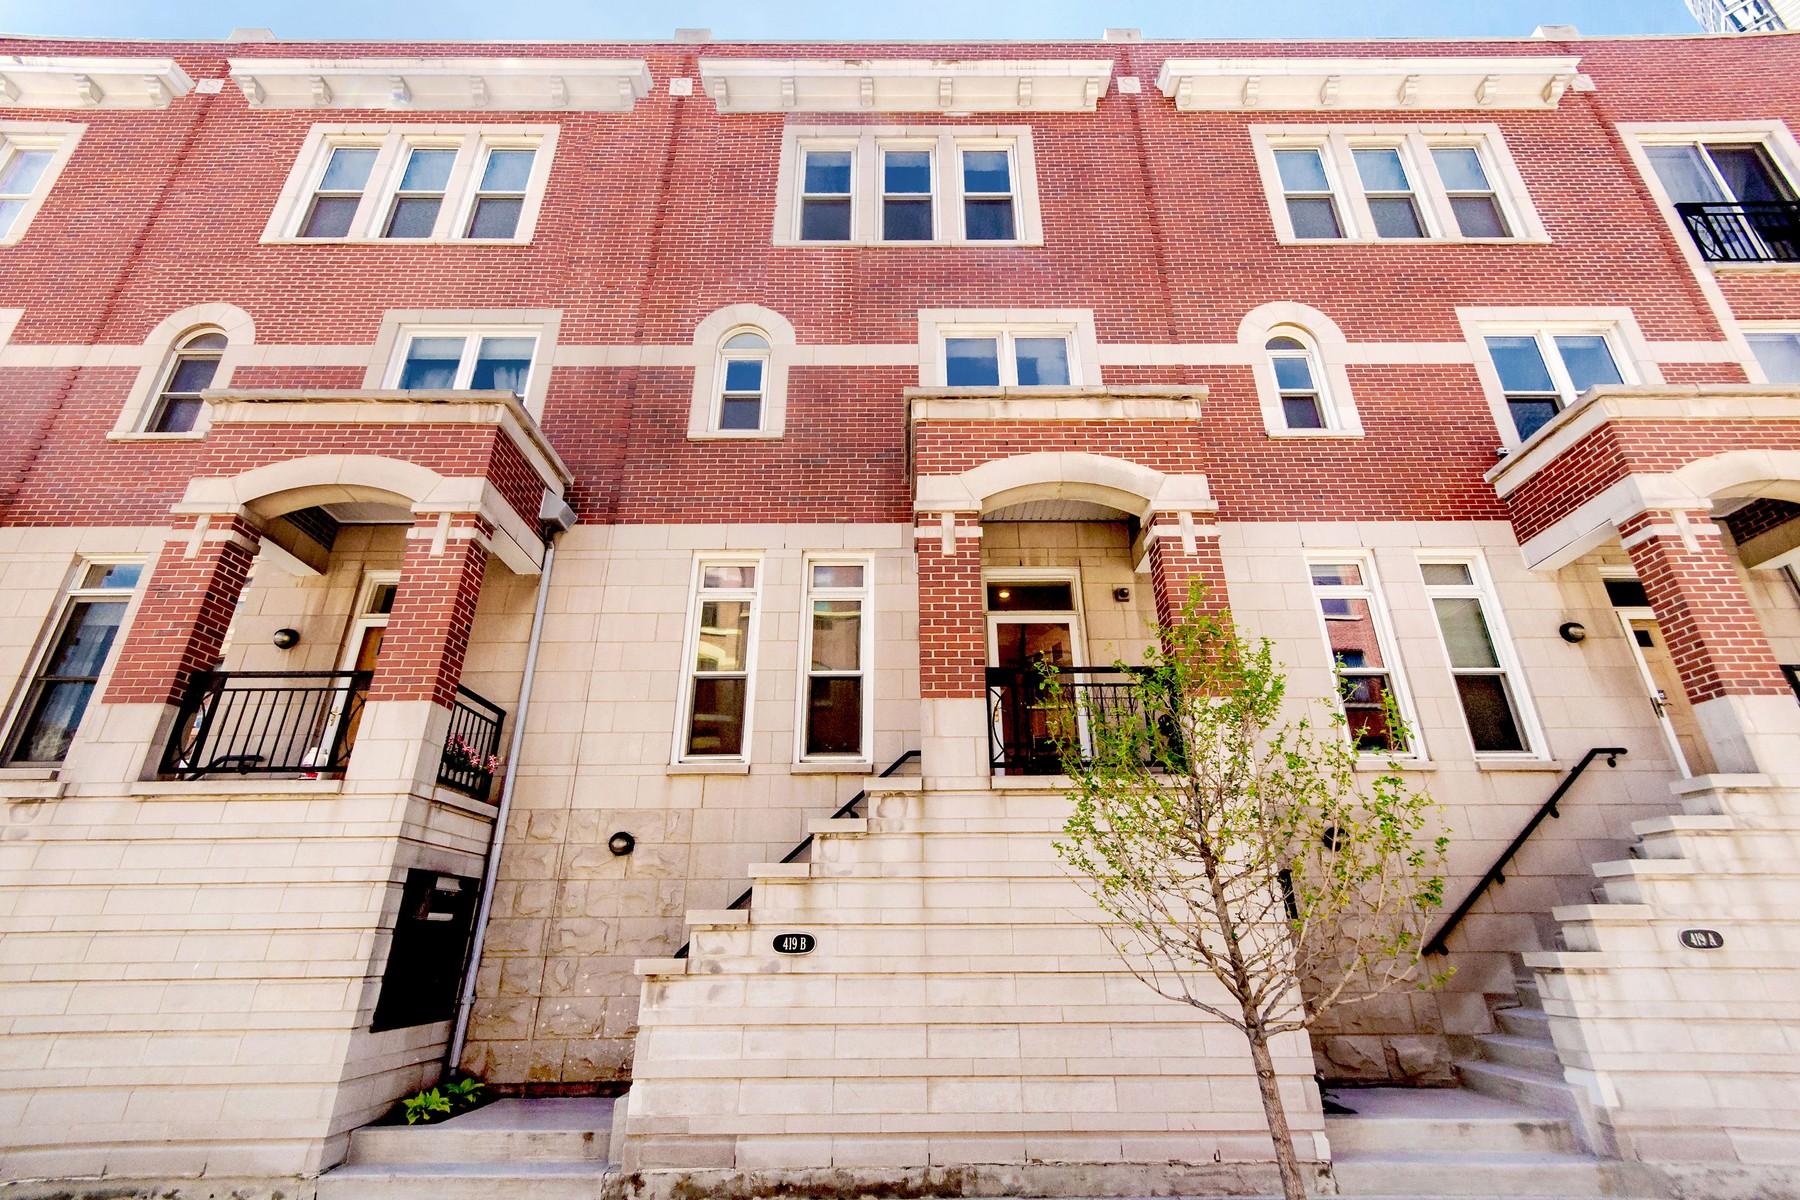 Residência urbana para Venda às Contemporary Sexton Rowhouse 419 W Grand Avenue #B Near North Side, Chicago, Illinois 60654 Estados Unidos